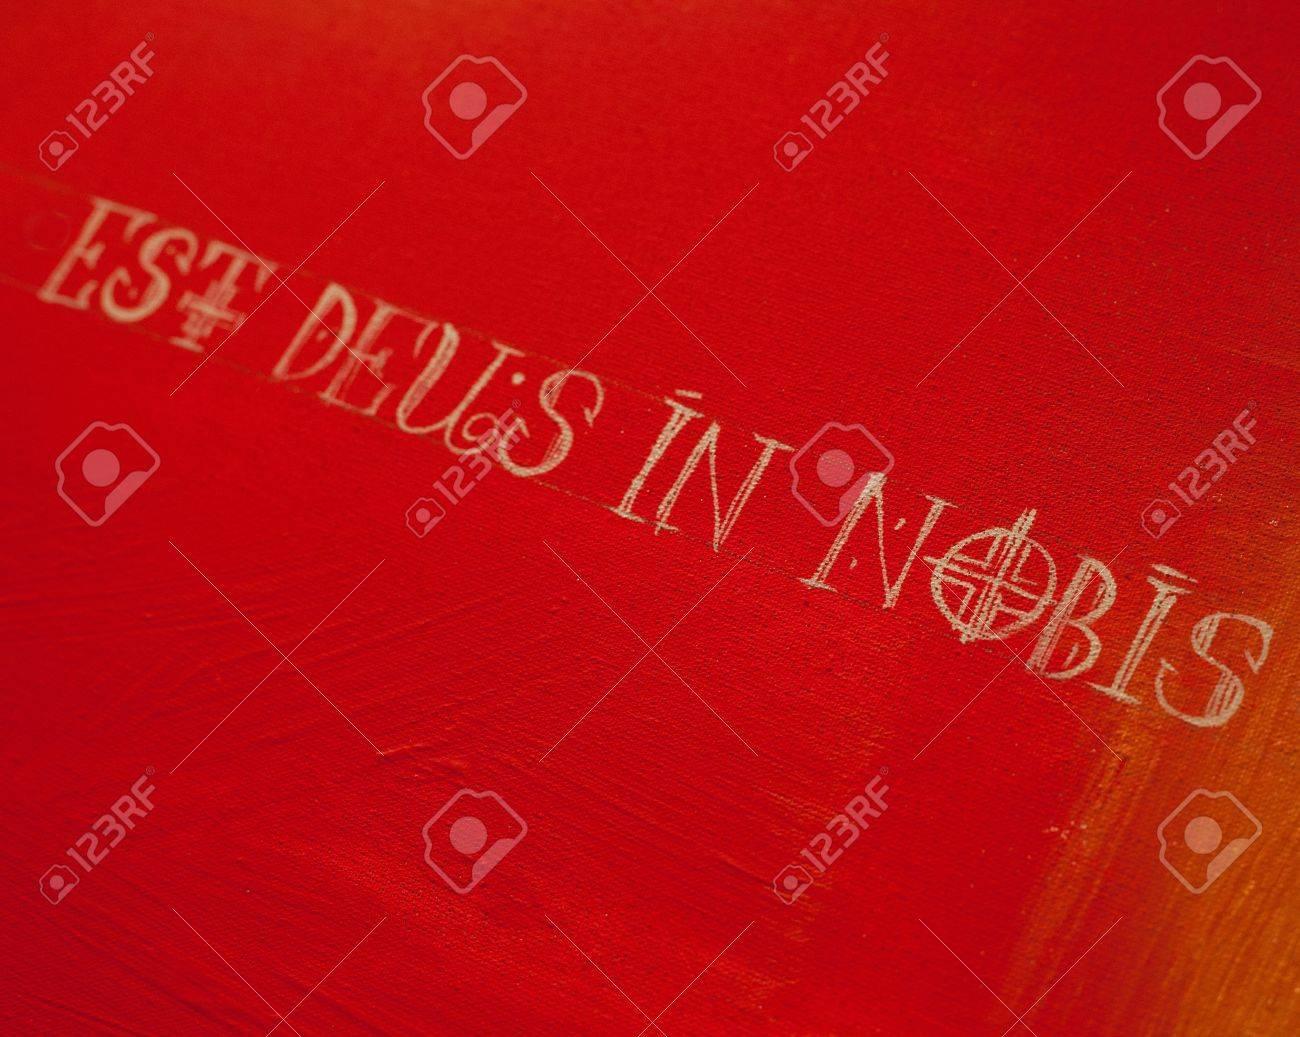 Frase En Latín Deus Est Nobis En Significa Dios Está En Nosotros